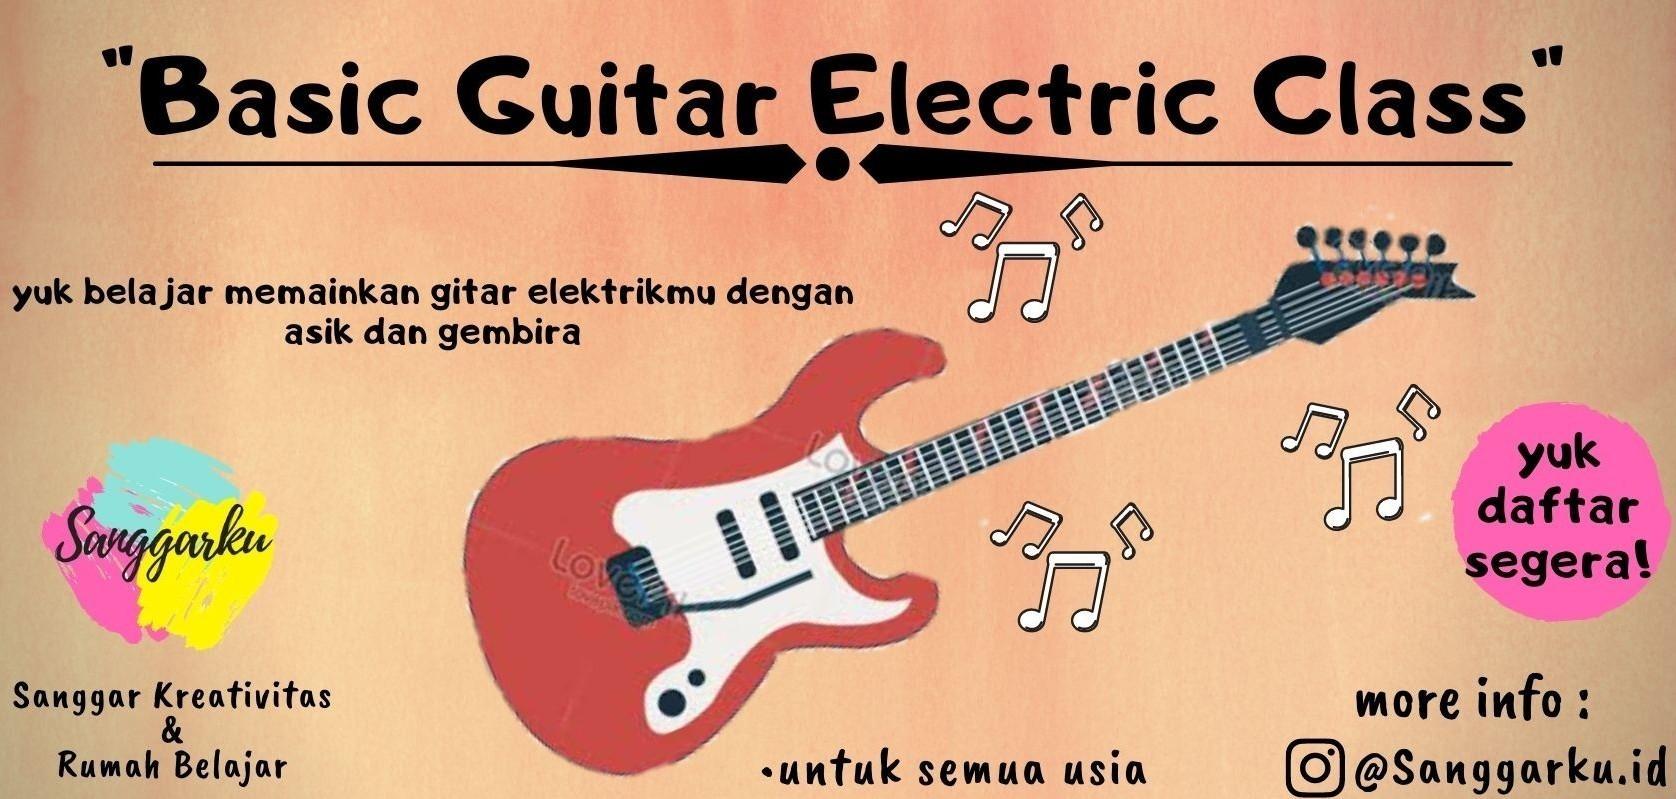 Kursus Musik Sanggarku - Basic Gitar Electric Class